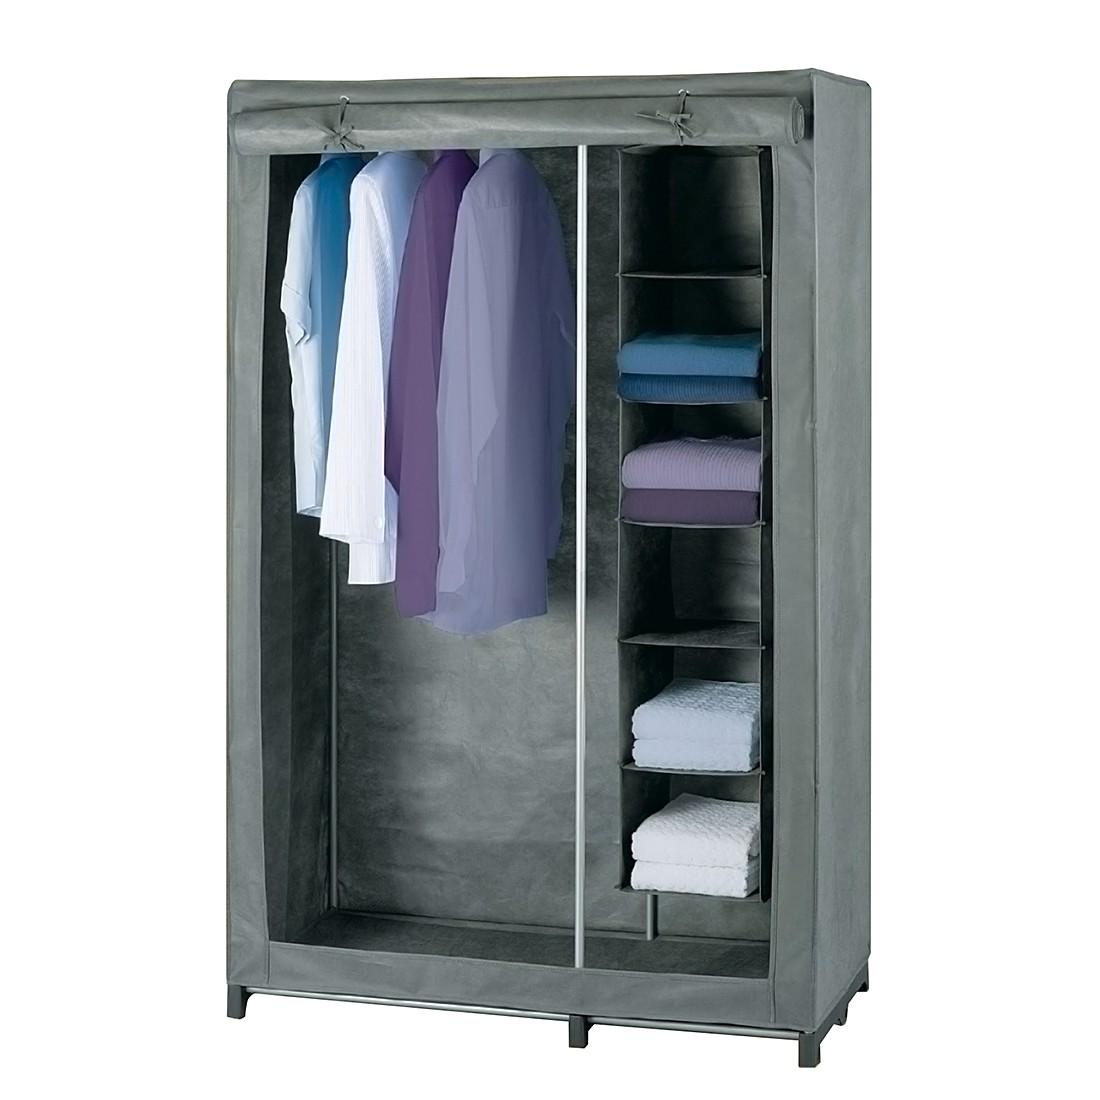 26 sparen wenko kleiderschrank mit sortierer nur 54 99 cherry m bel. Black Bedroom Furniture Sets. Home Design Ideas